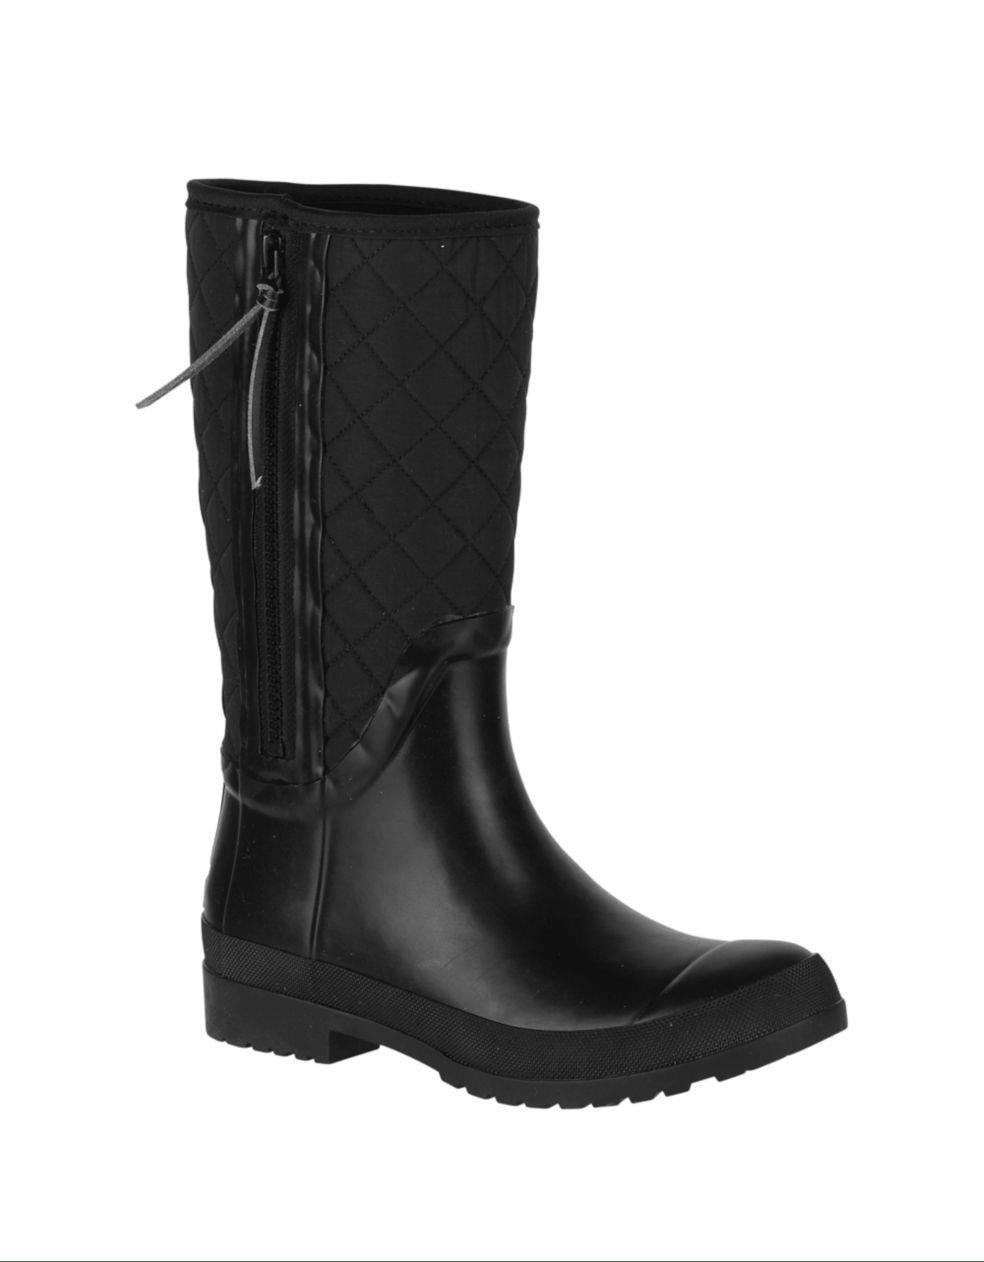 Sperry Walker Wind Boots